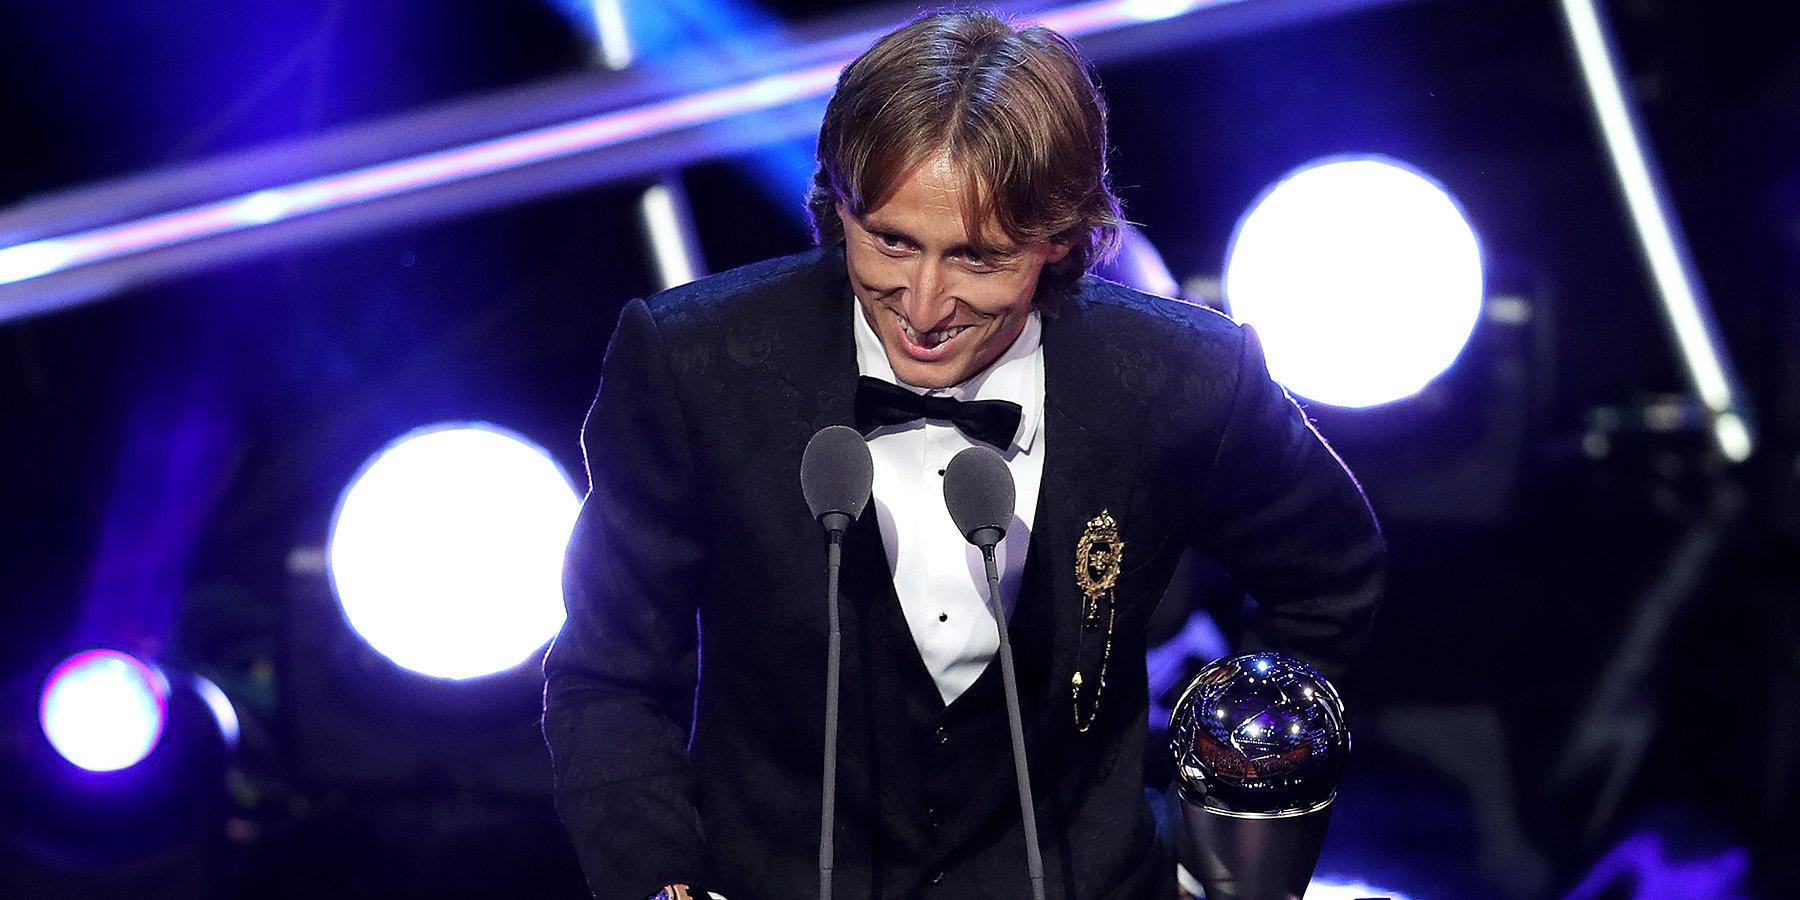 Лука Модрич признан футболистом года поверсии ФИФА